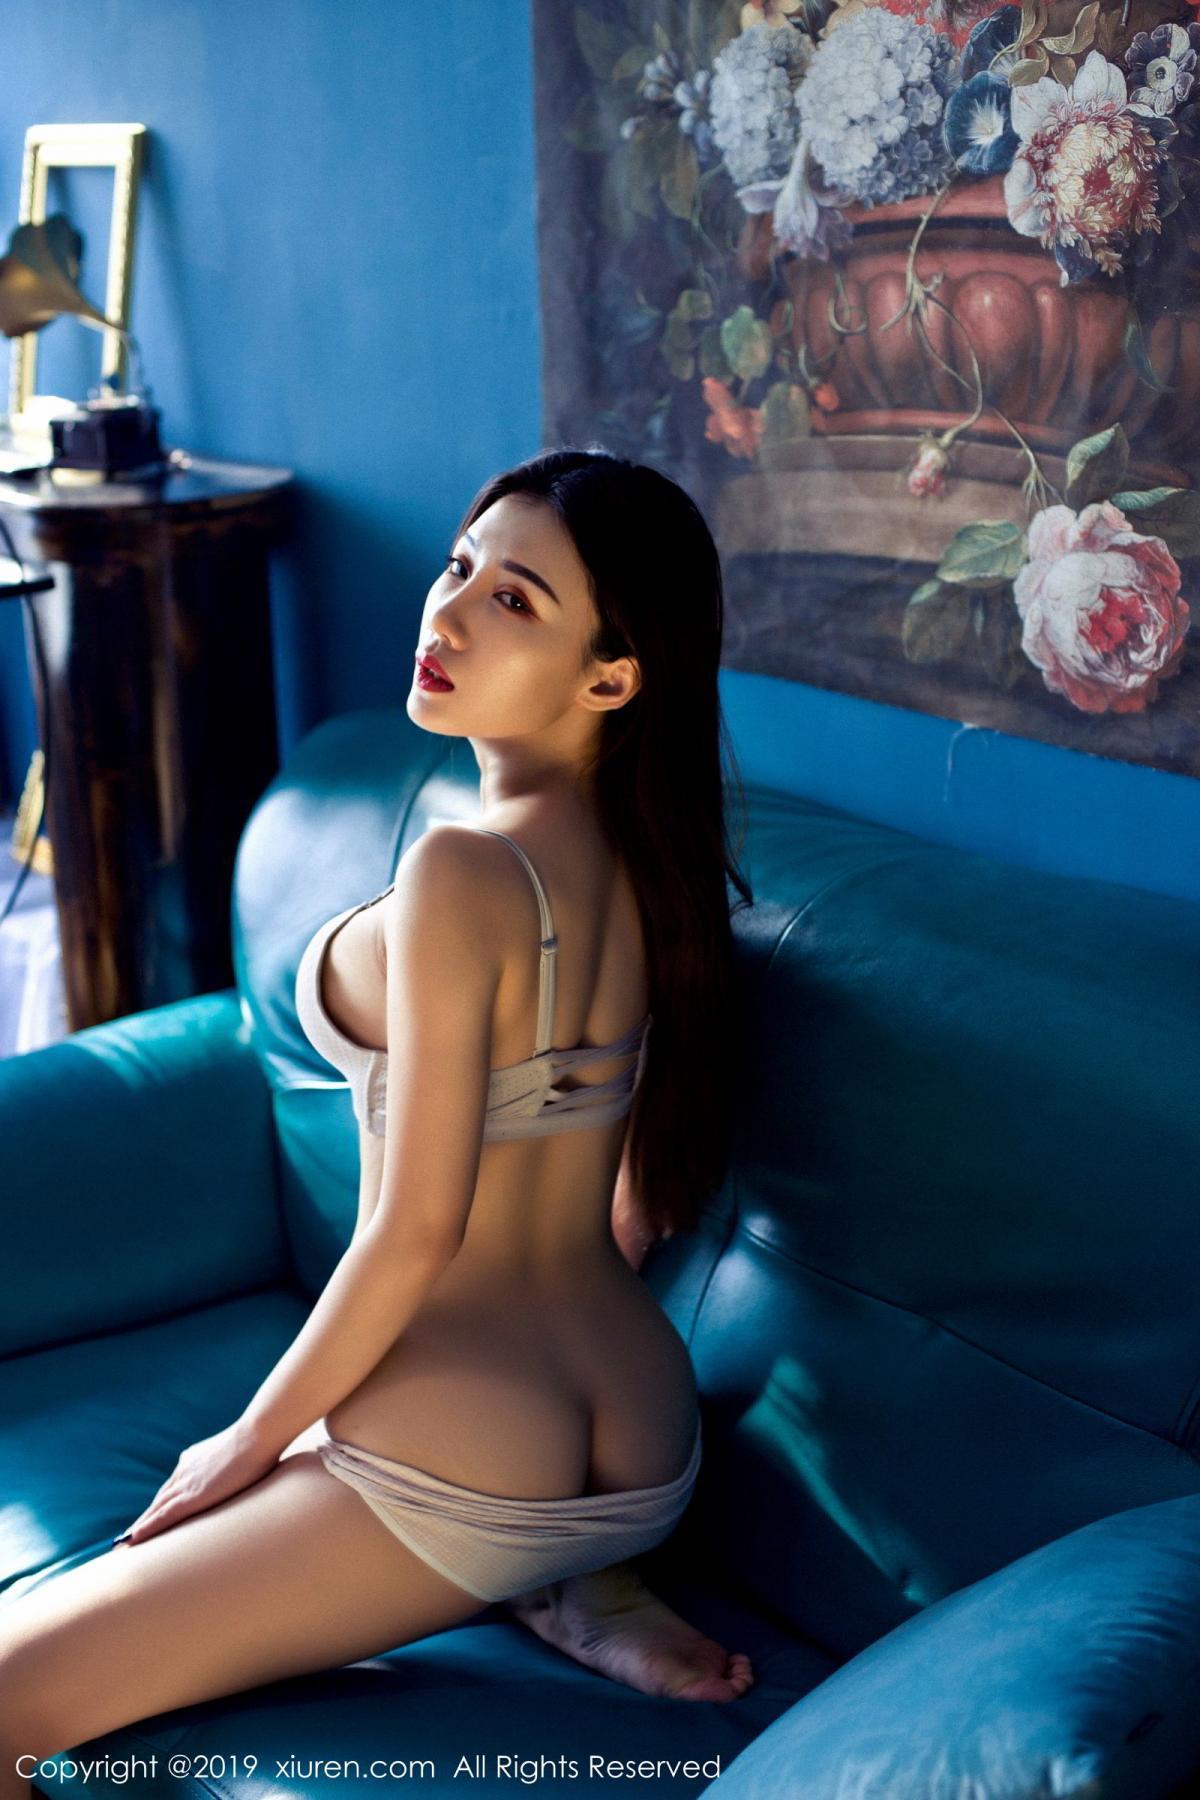 [XiuRen] Vol.1725 Zhi Zhi 2 44P, Underwear, Xiuren, Zhi Zhi